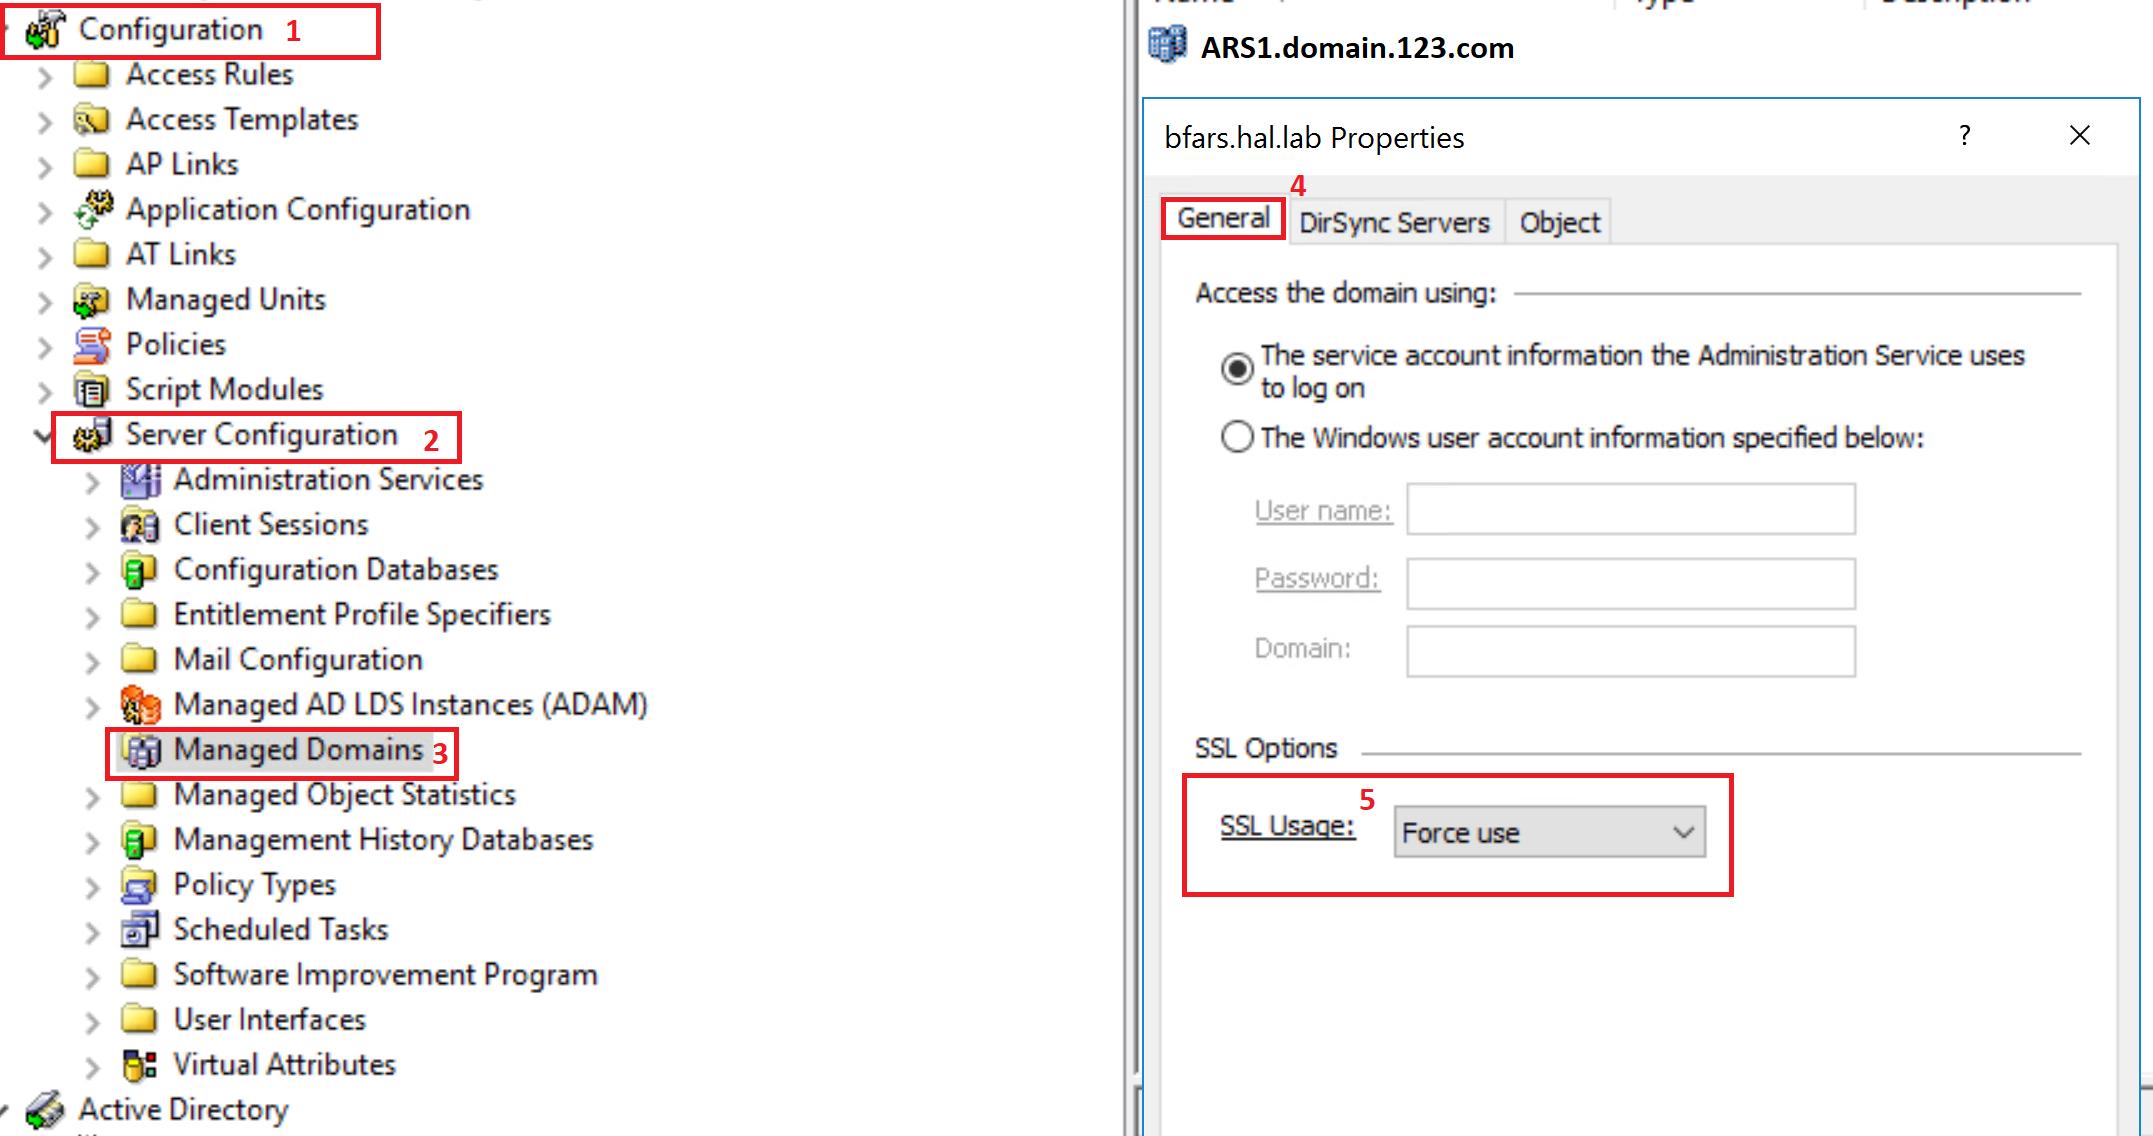 SSL Usage dropdown setting